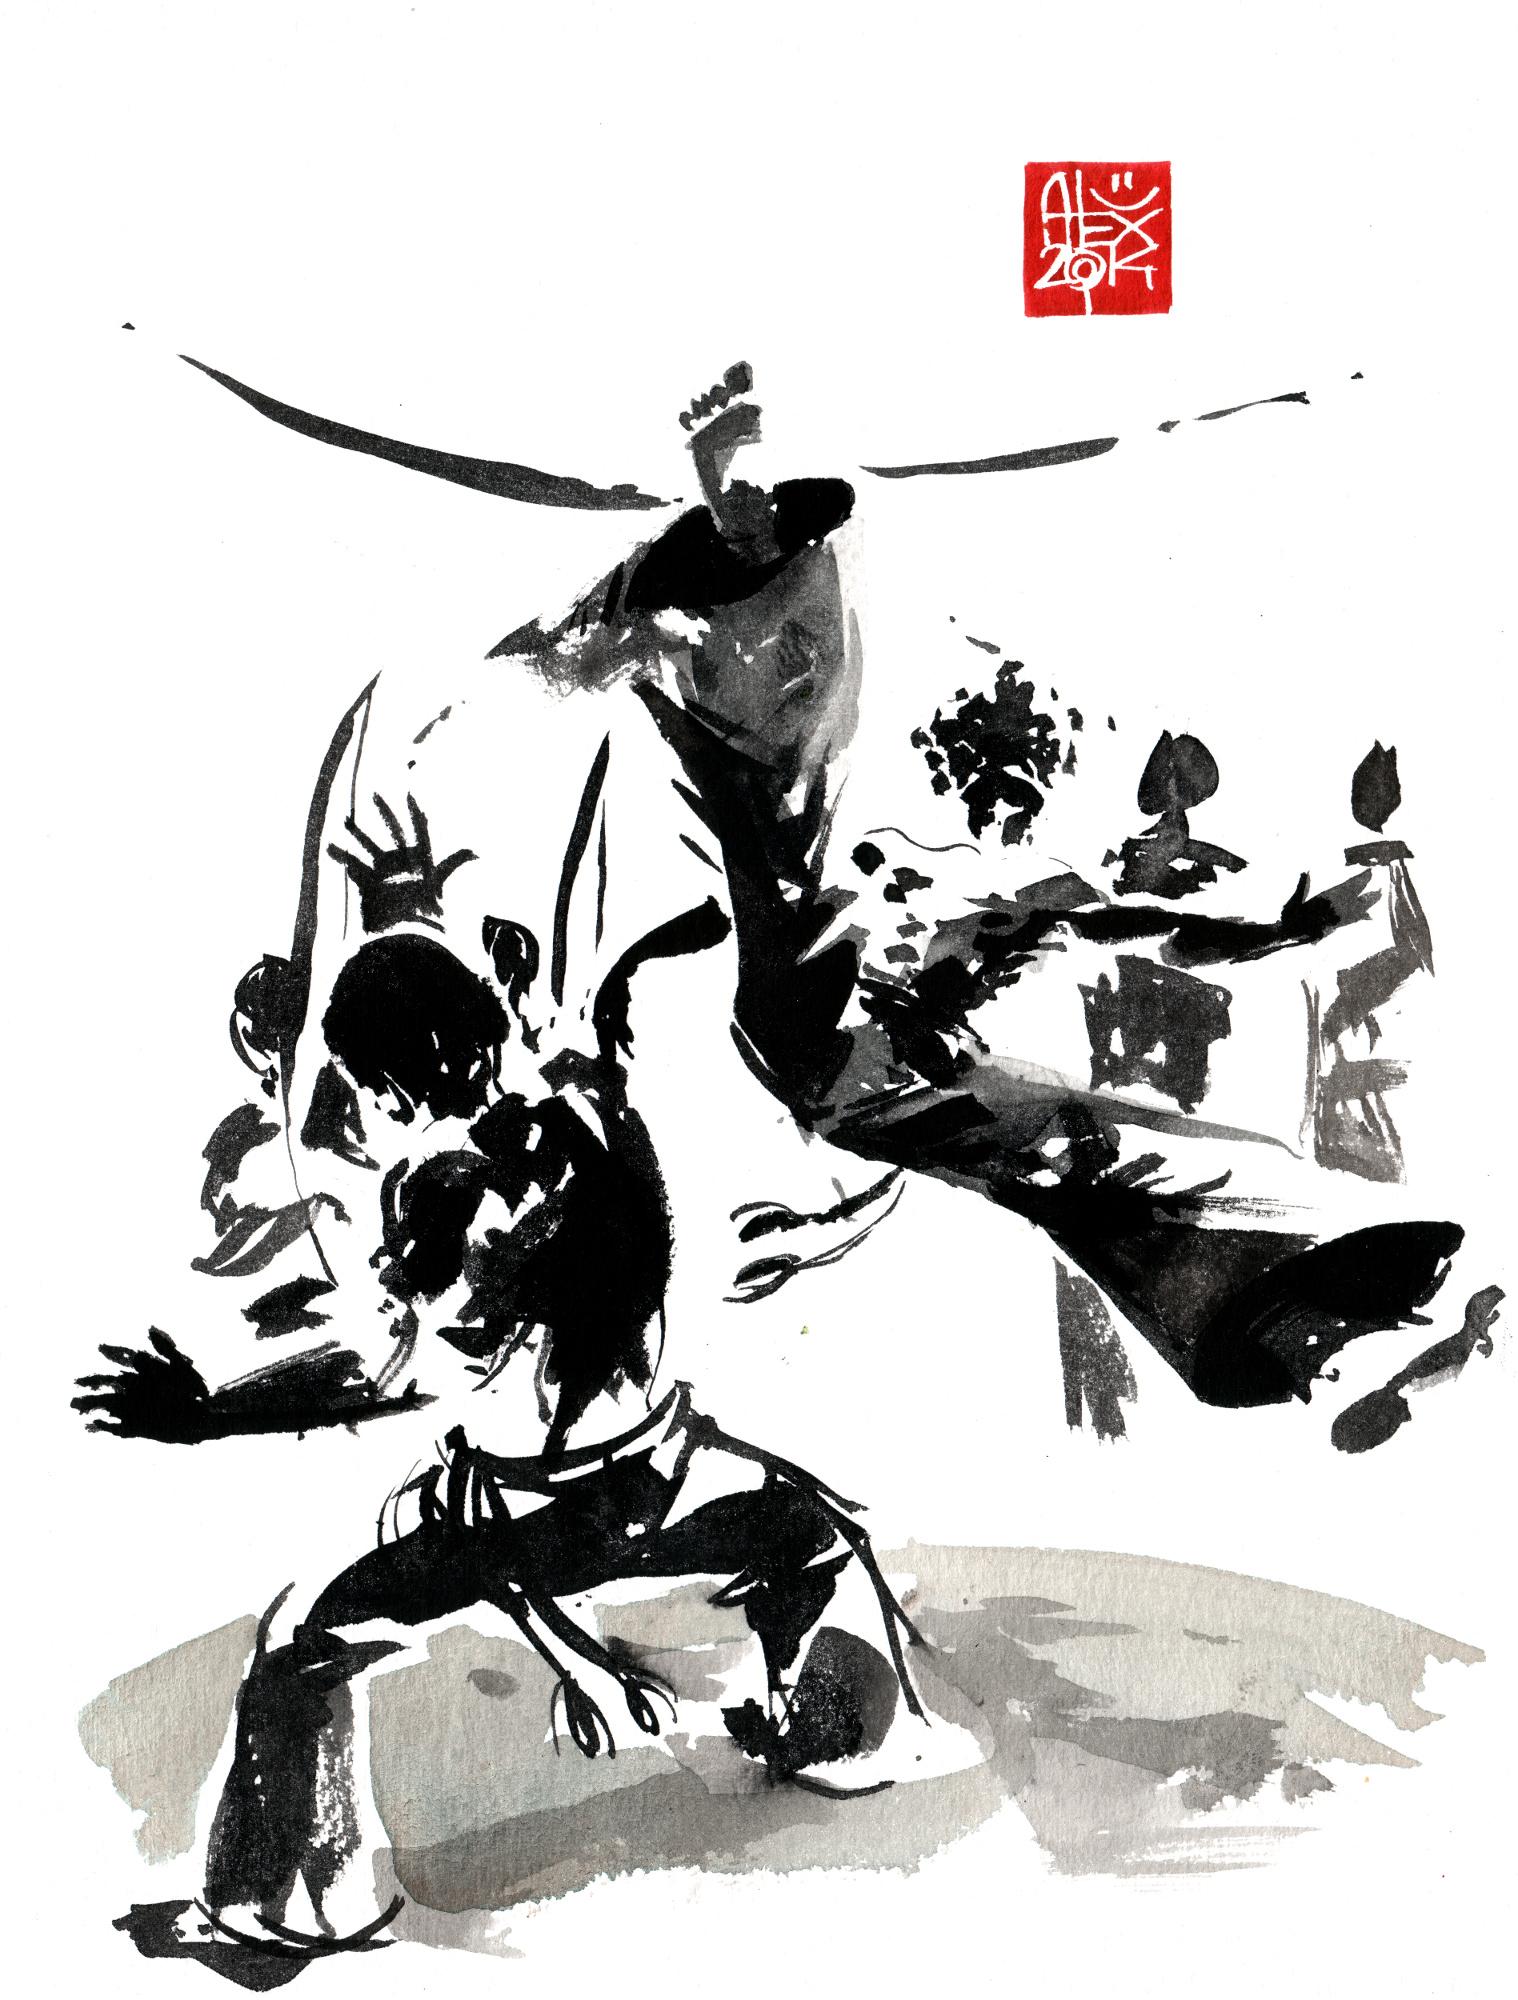 Illustration : Capoeira – 733 [ #capoeira #watercolor #illustration] aquarelle sur papier 325gr / watercolor on paper 325gr 24 x 32 cm / 9.4 x 12.6 in